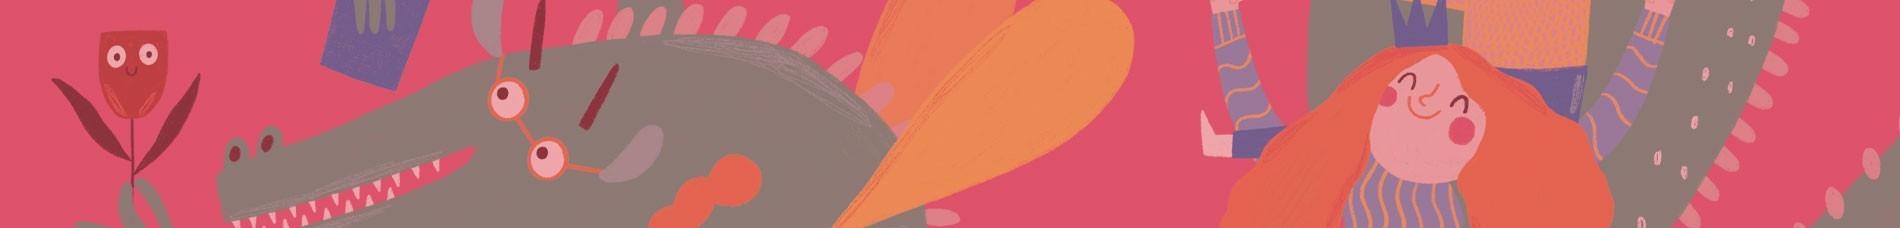 Regalos para Sant Jordi. Colabora con nosotros | Tienda solidaria SJD